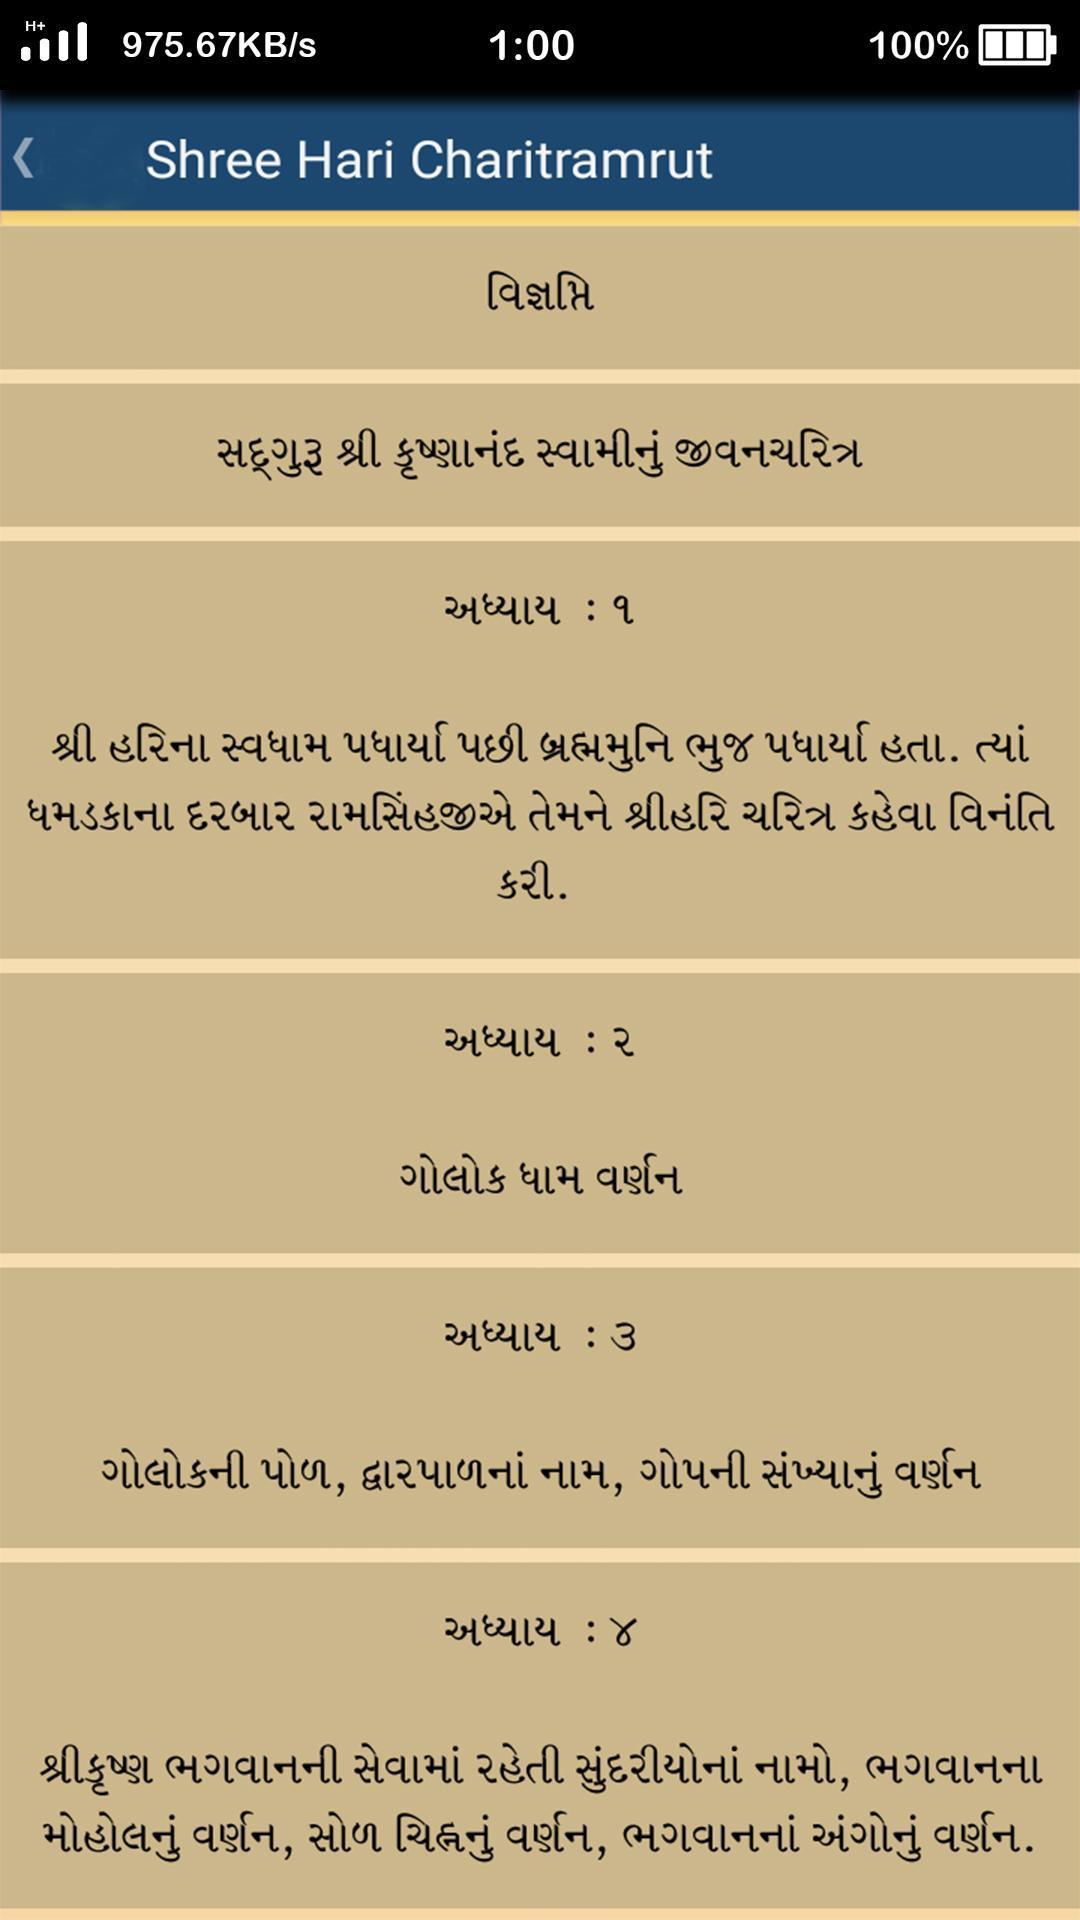 Shree Hari Charitramrut - swaminarayan leela poster